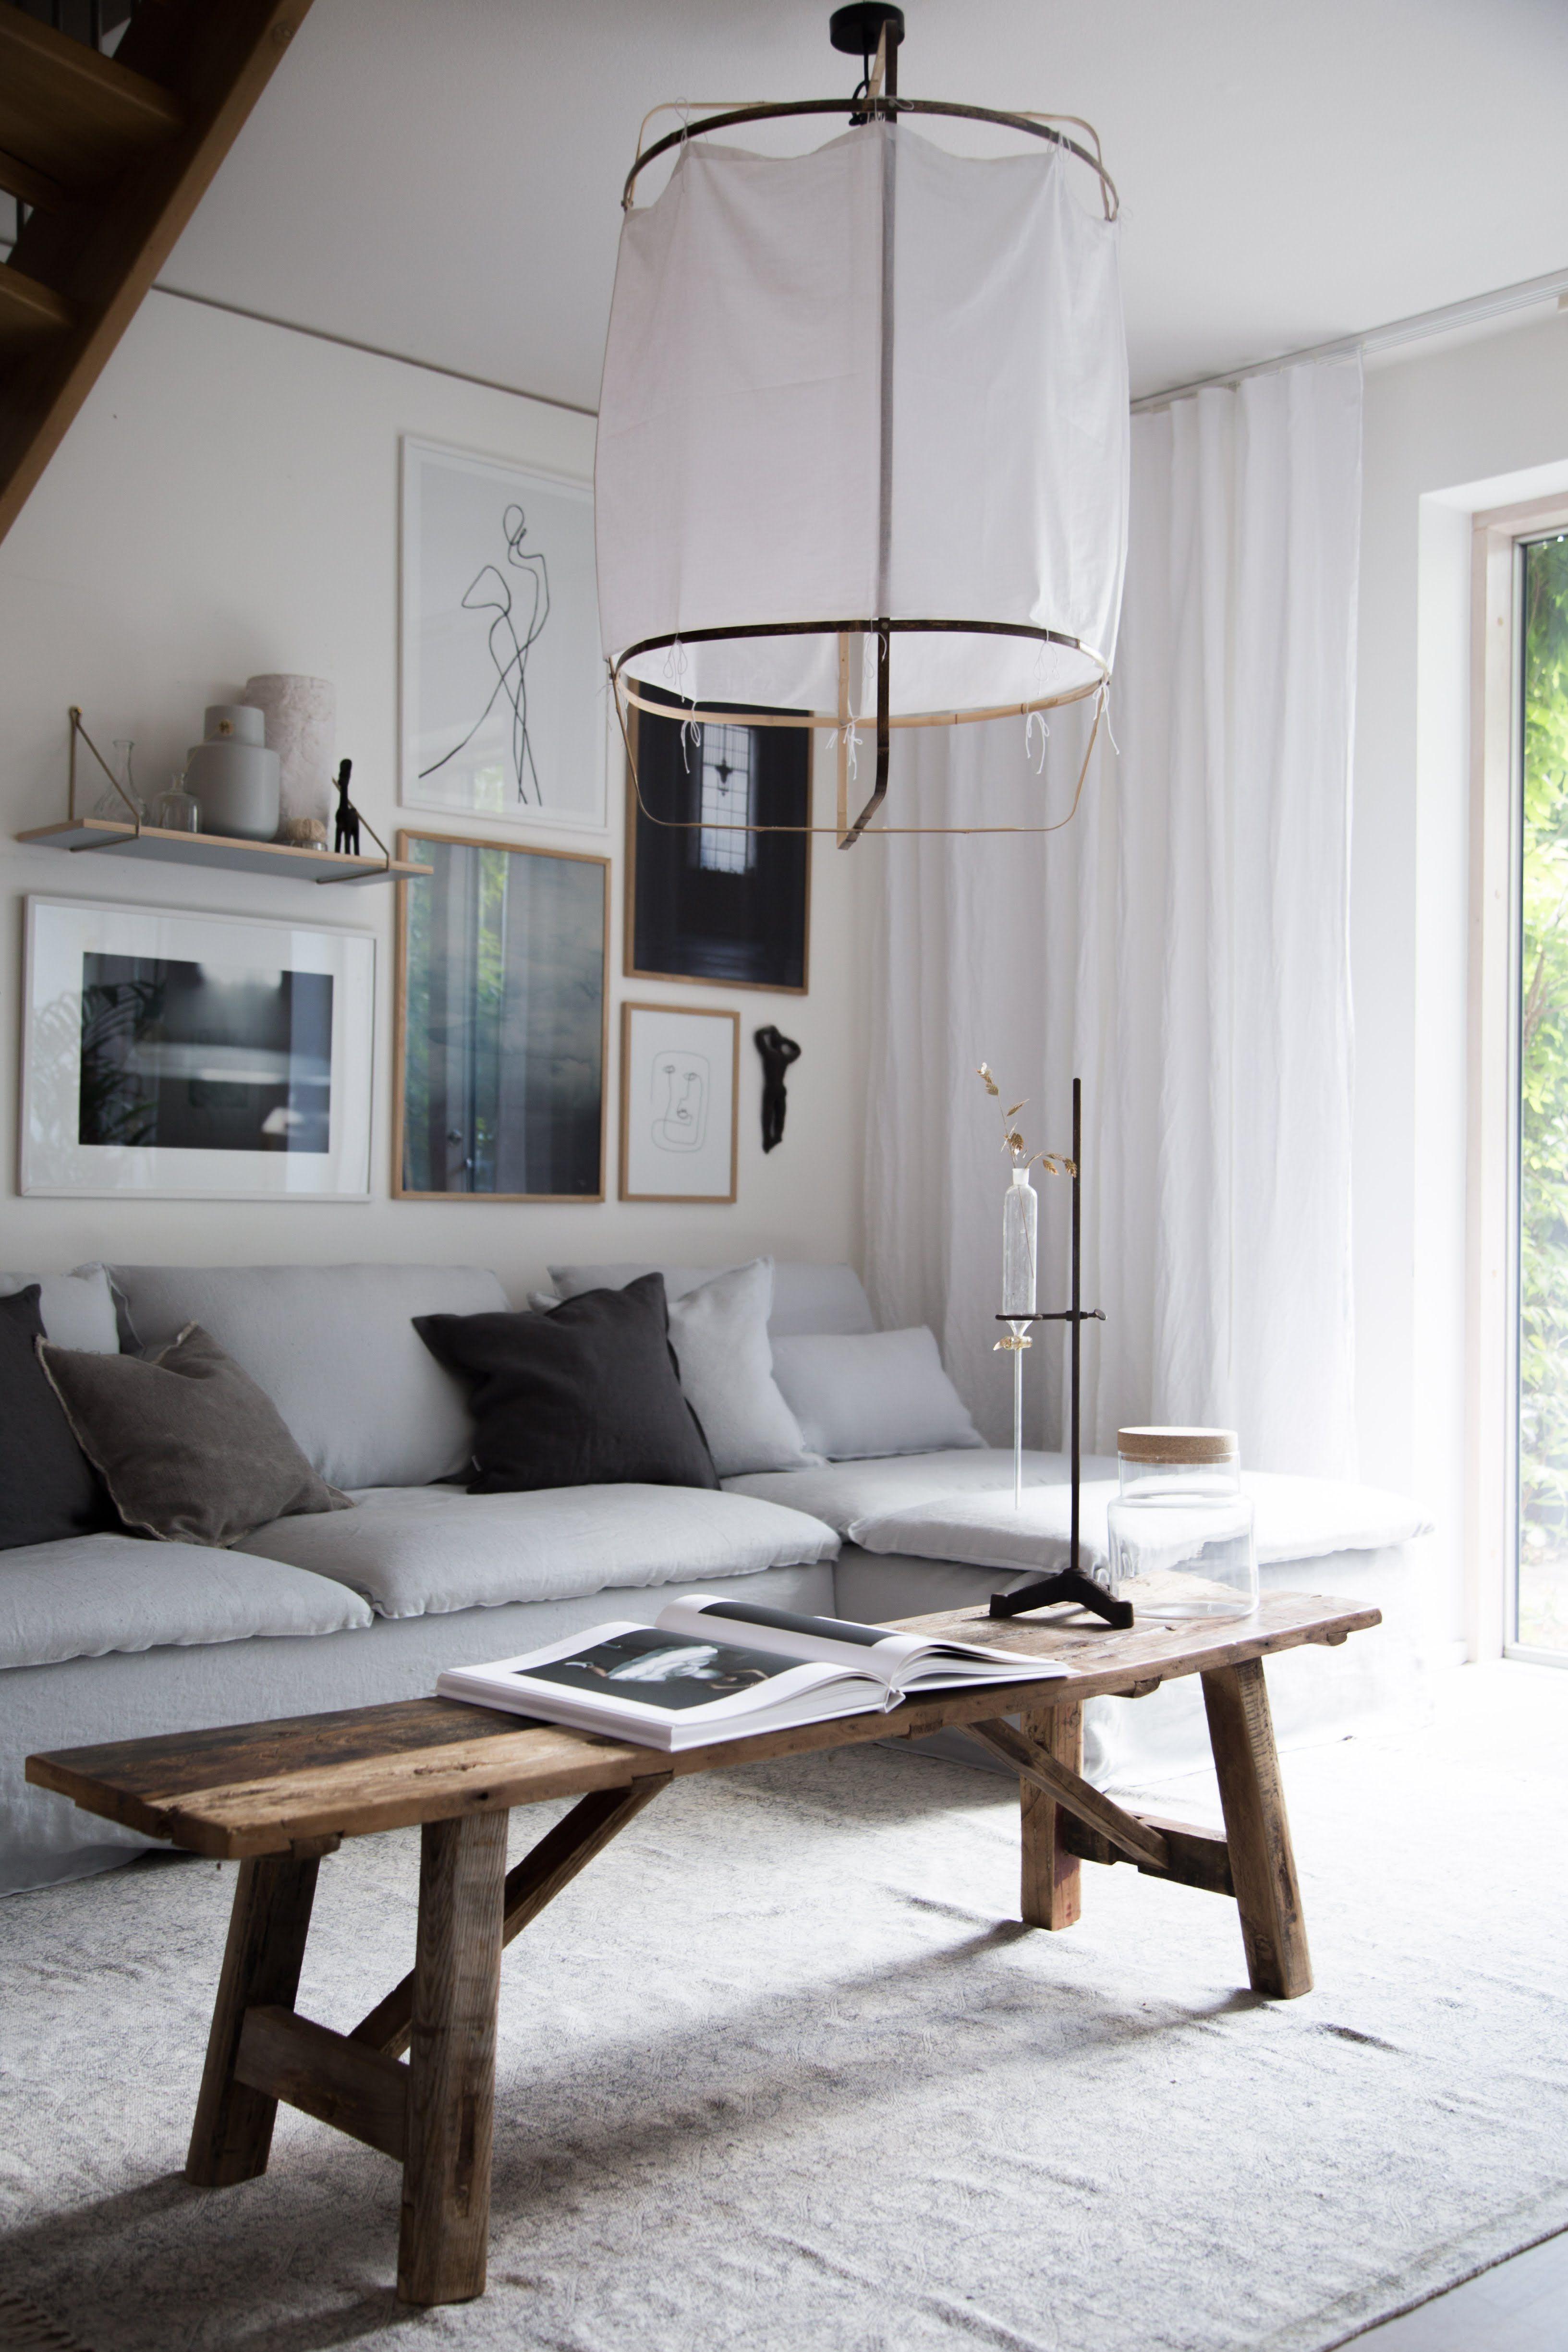 ikea soderhamn  bemz linen custom cover  living room